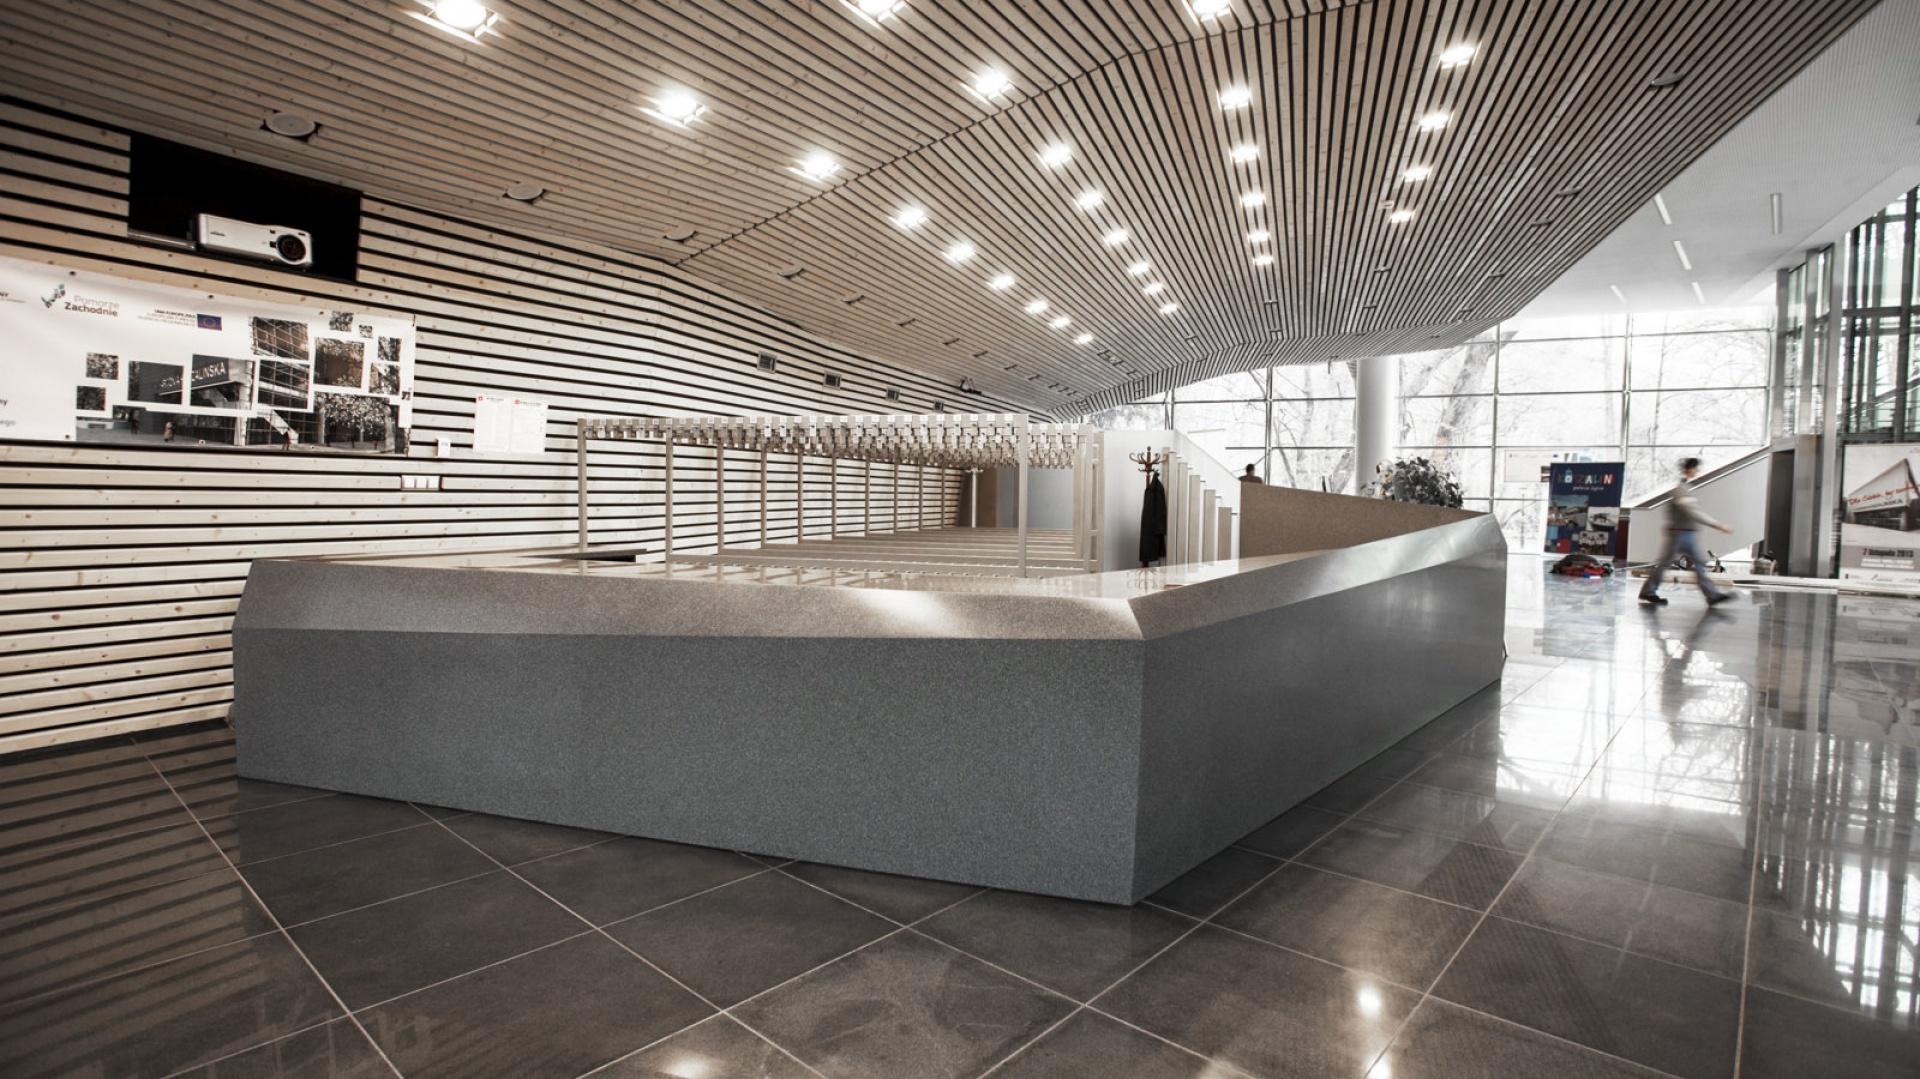 Nowa sala w Filharmonii Koszalińskiej może pomieścić 518 osób. Fot. DuPont